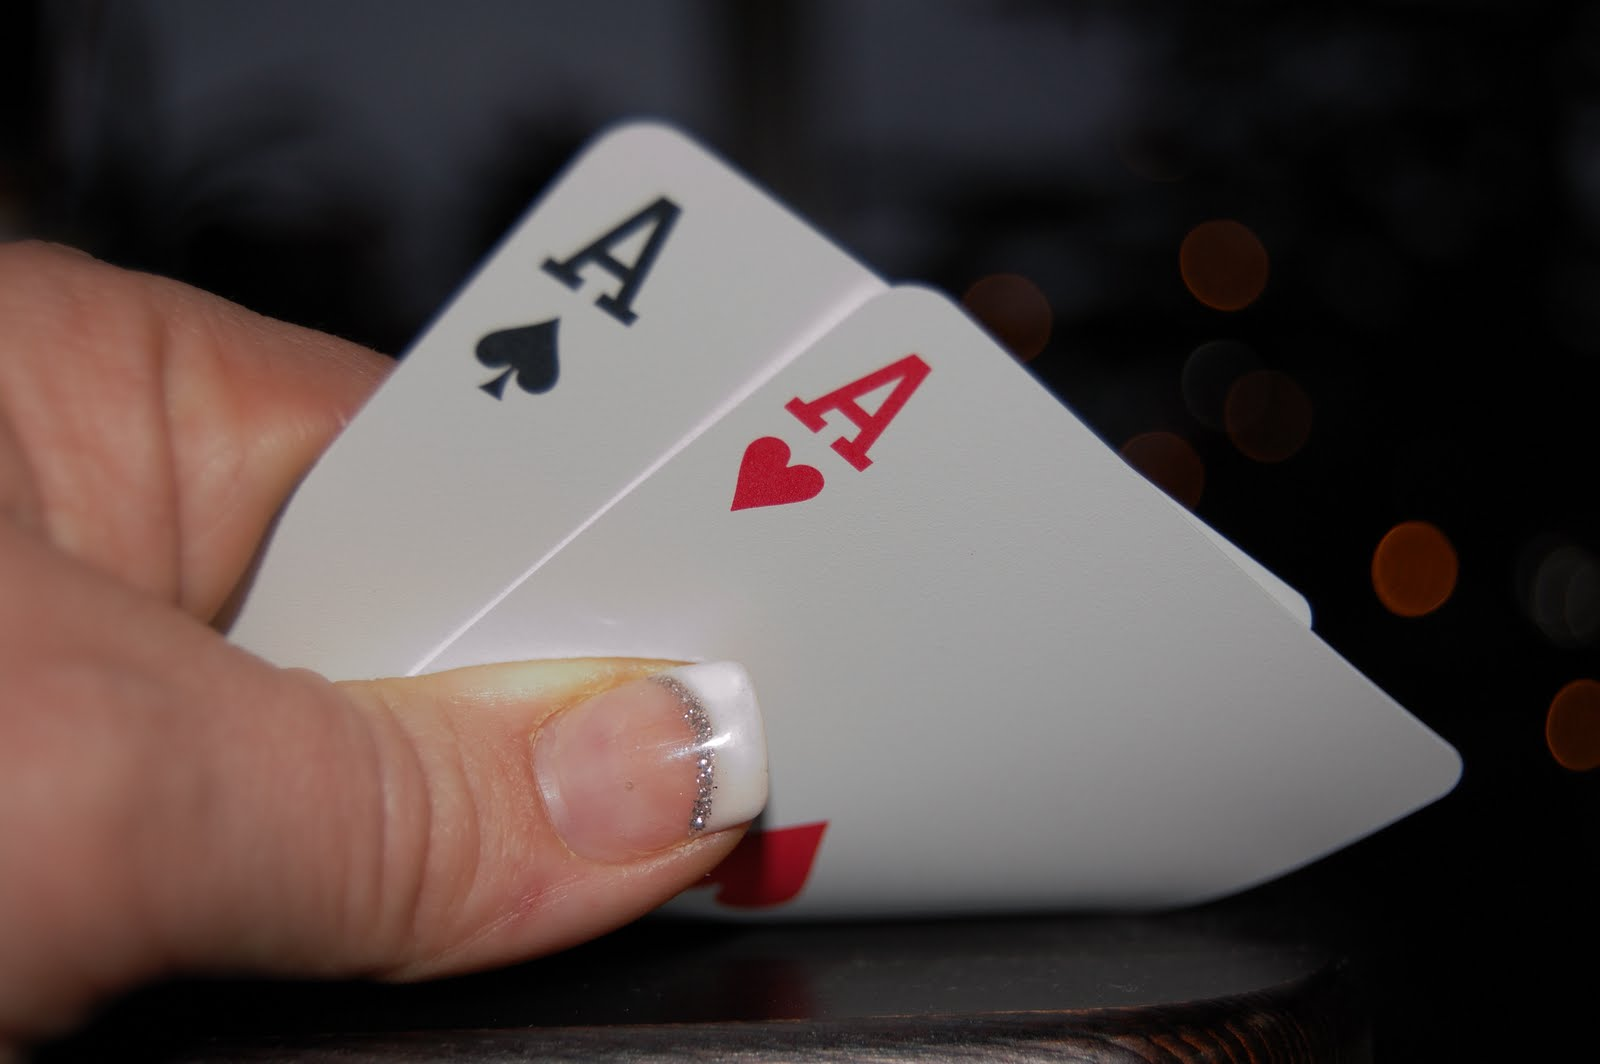 http://3.bp.blogspot.com/-P4wpkfyTmCQ/Tfa9ZNg5wOI/AAAAAAAAAIY/heQrSbTTN6c/s1600/poker_1.jpg